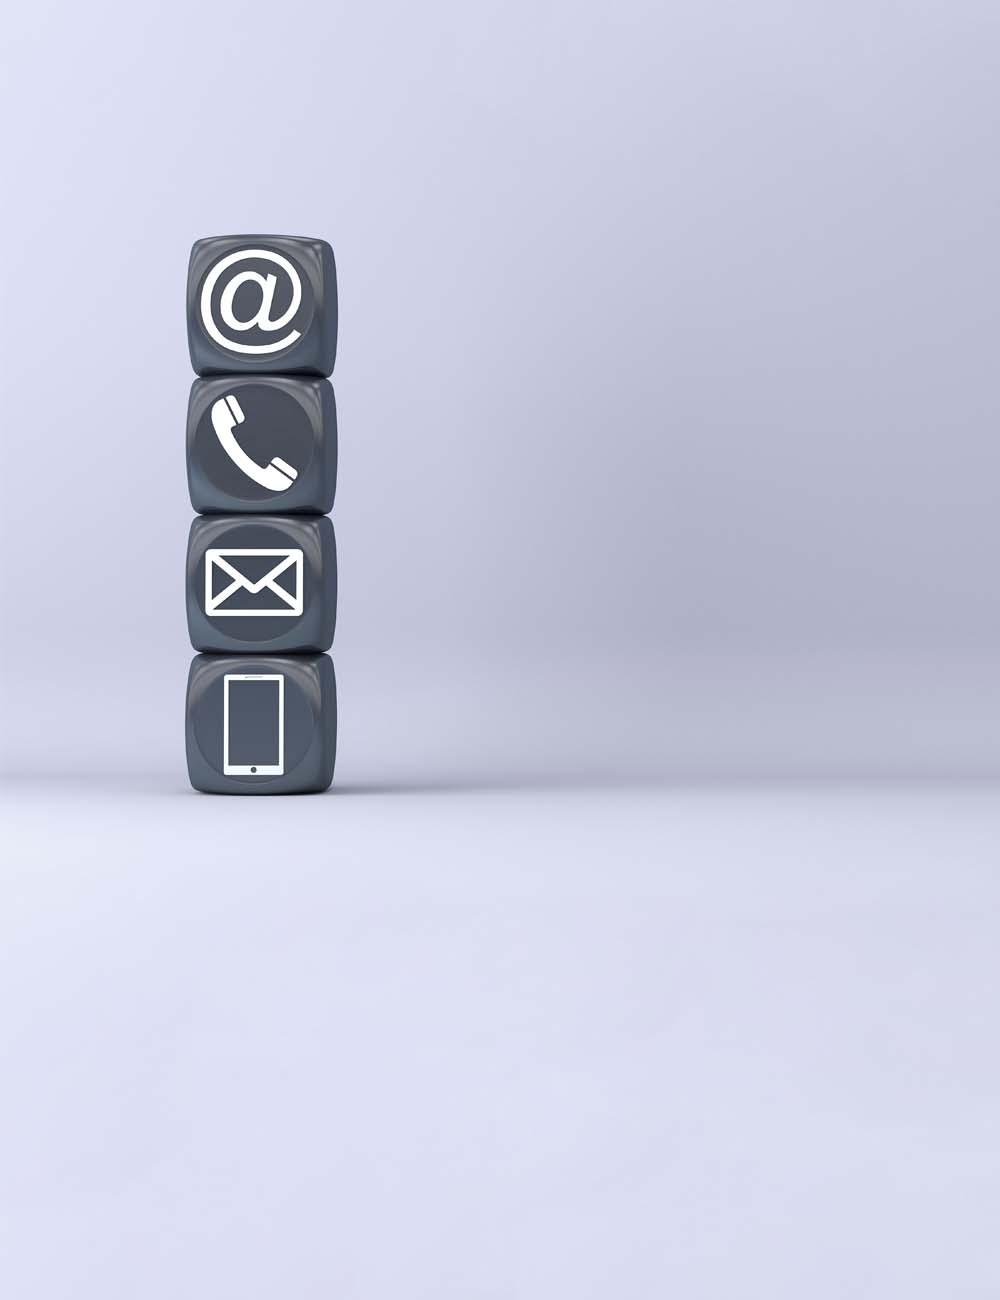 پشتیبانی تلفن سازمانی نکسفون